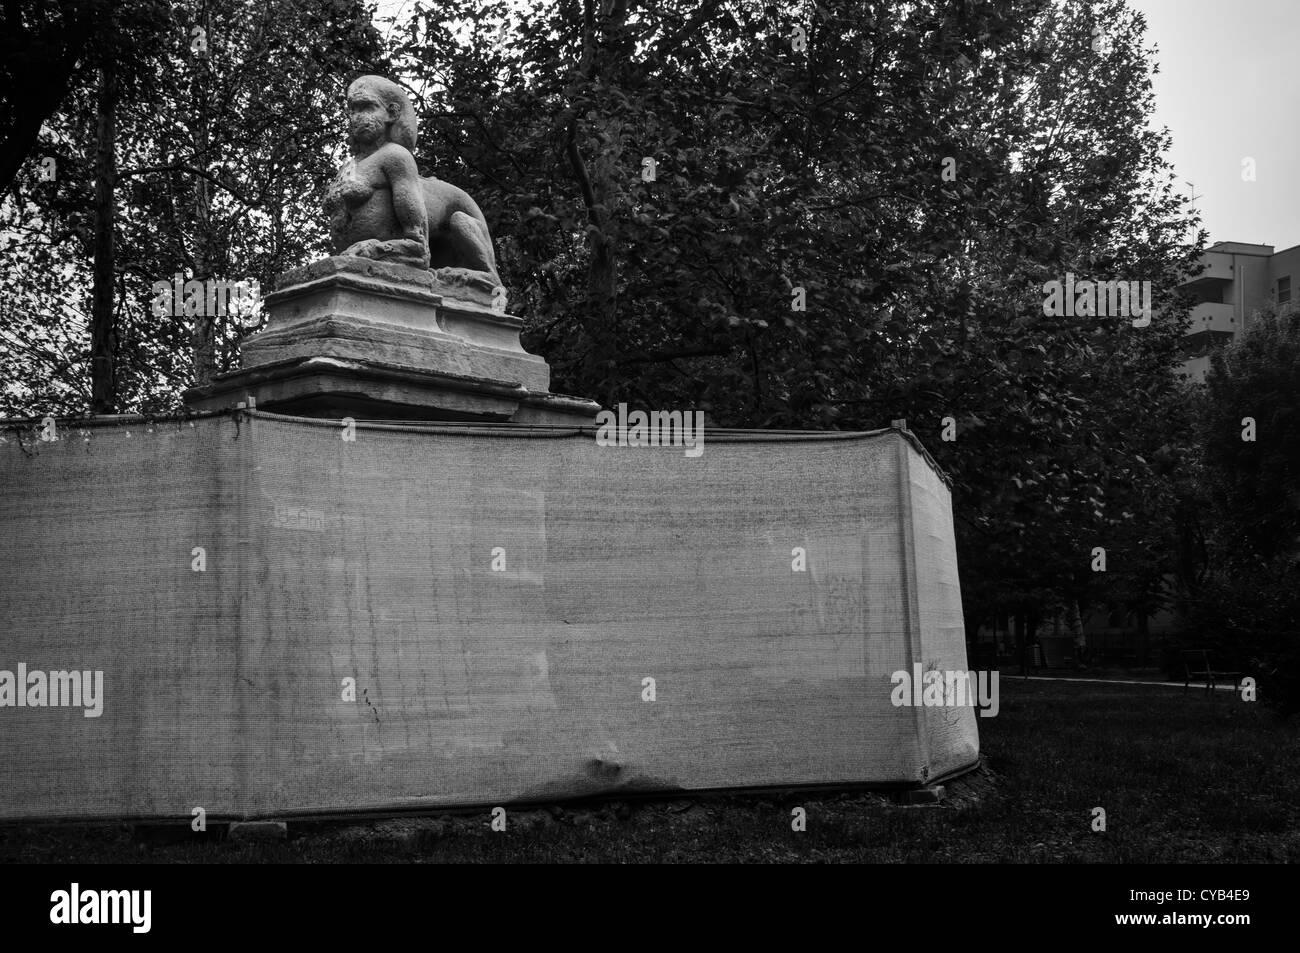 Milano, Italia. Sphinx statua in un parco pubblico Immagini Stock